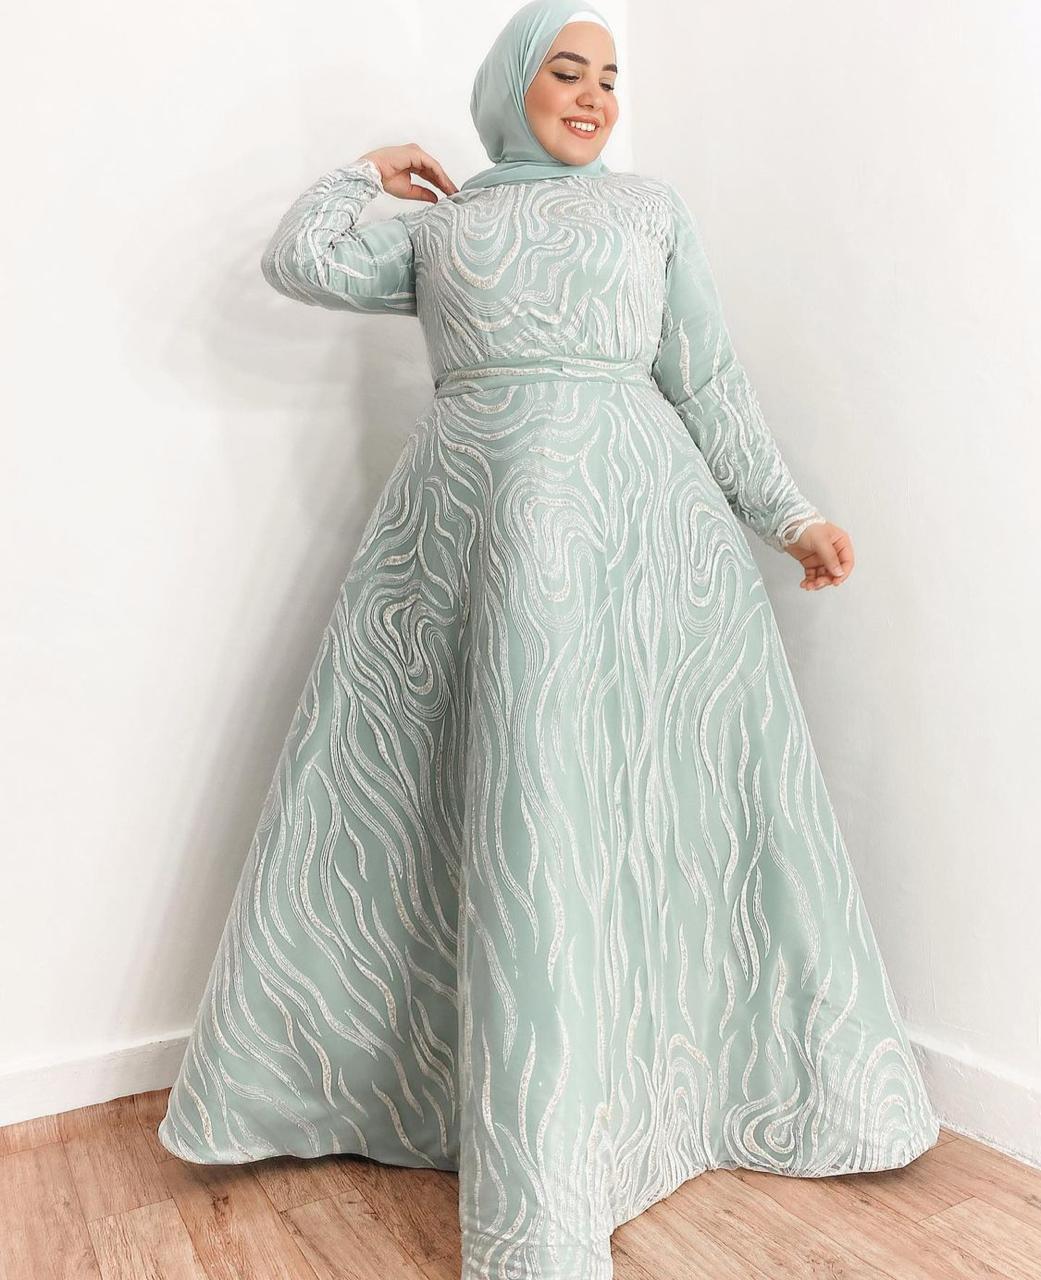 ياسمين وجدي بفستان سهرة مطرز -الصورة من حسابها على الانستغرام